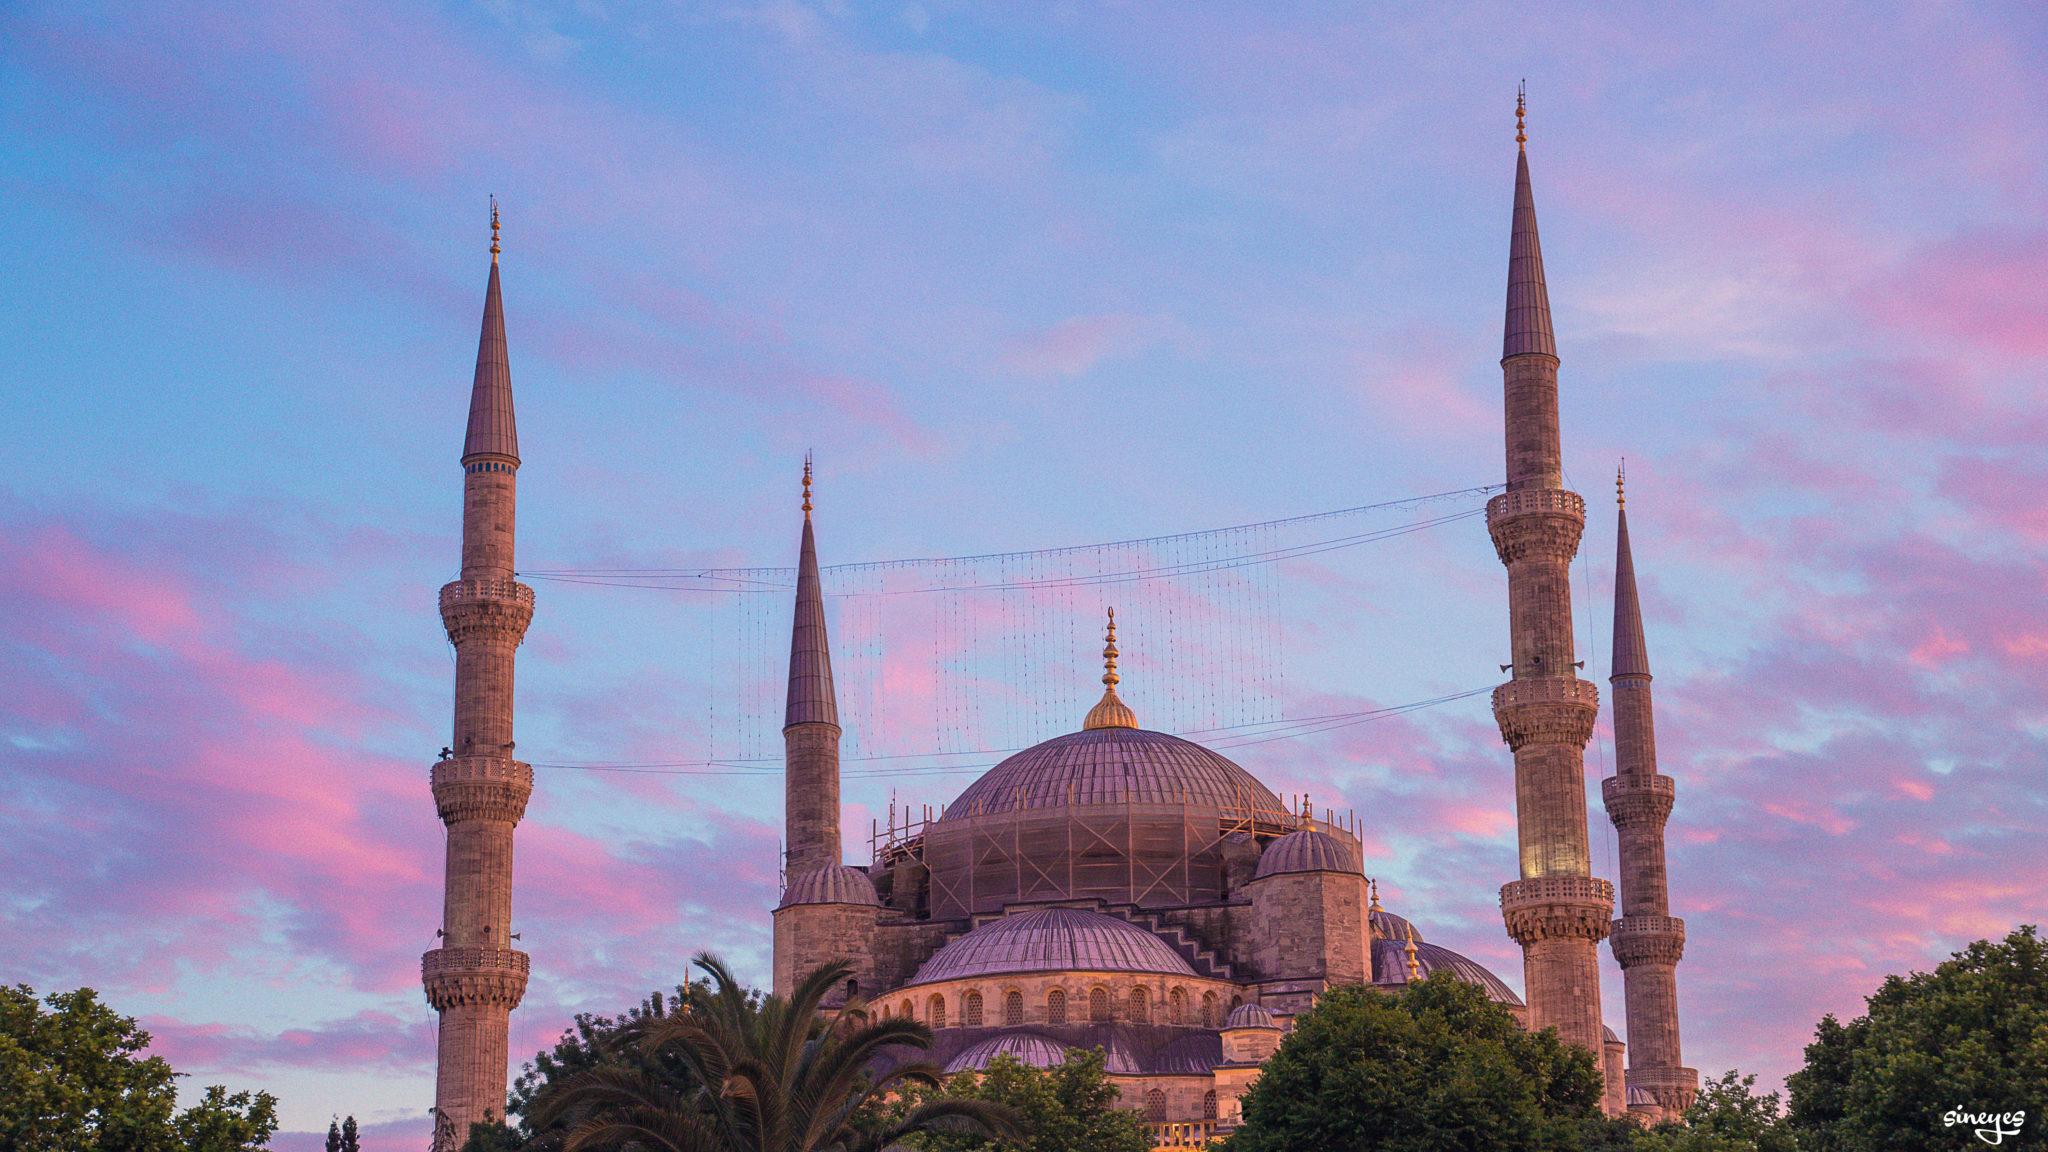 La porte de l'Orient - Istanbul, Turquie by sineyes